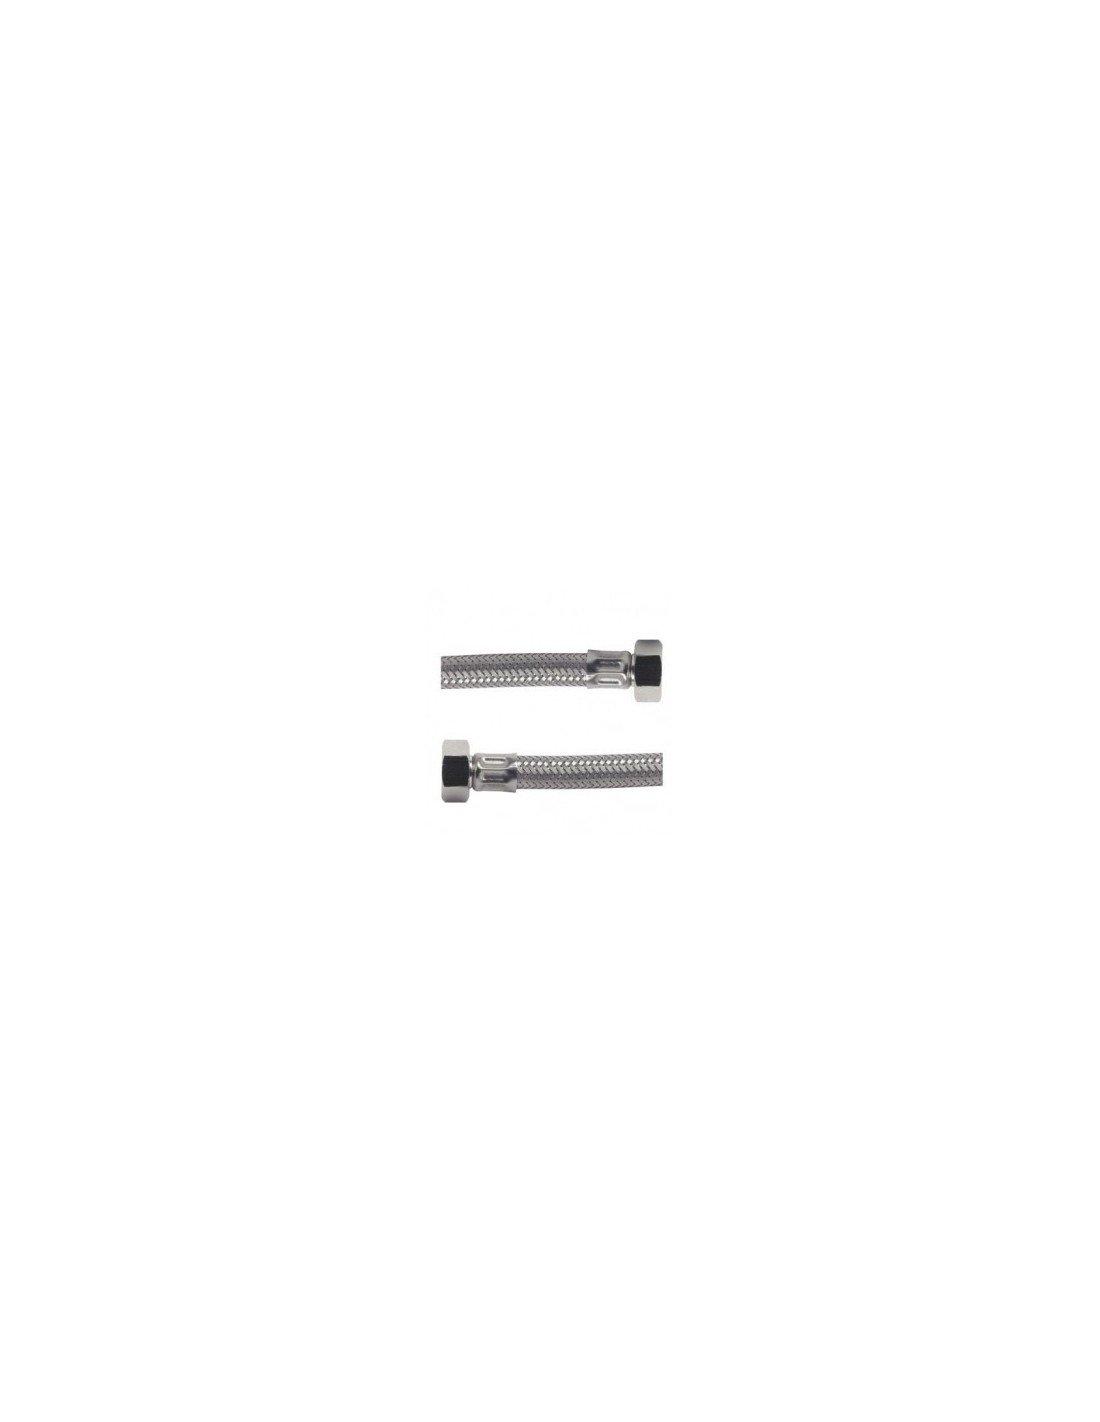 SOMATHERM Flexible Sanitaire en Inox ACS DN8 - Dé bit Standard - L 50cm - Femelle droit - Ecrou tournant 3/8' Plomberie.fr